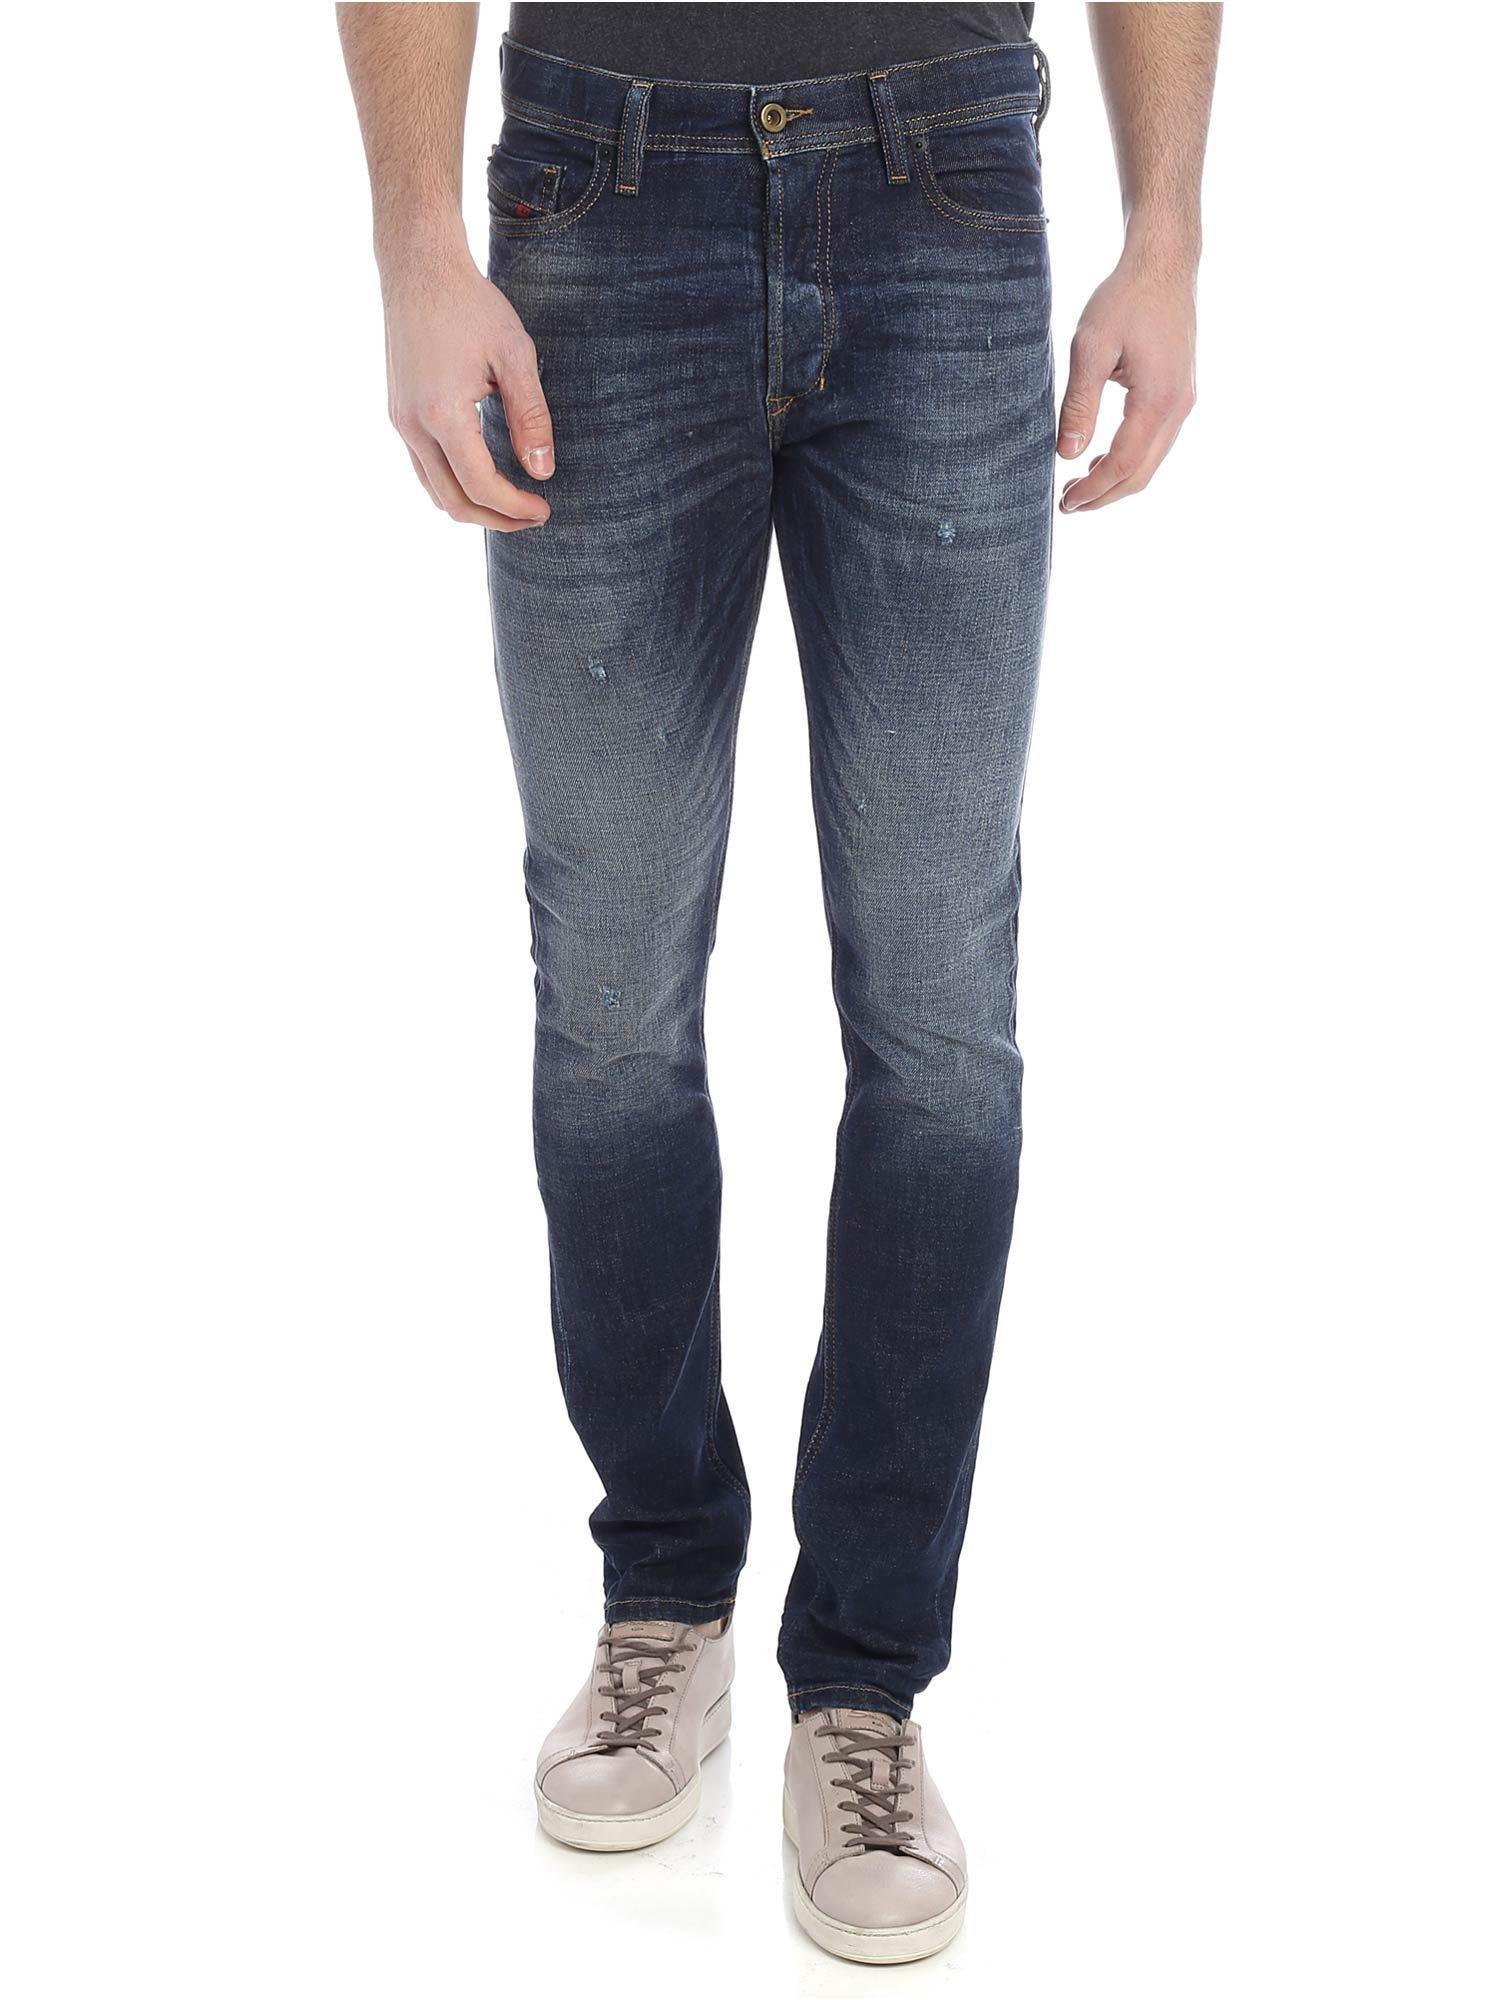 dcb2ac0b Diesel Tepphar Blue Jeans in Blue for Men - Lyst